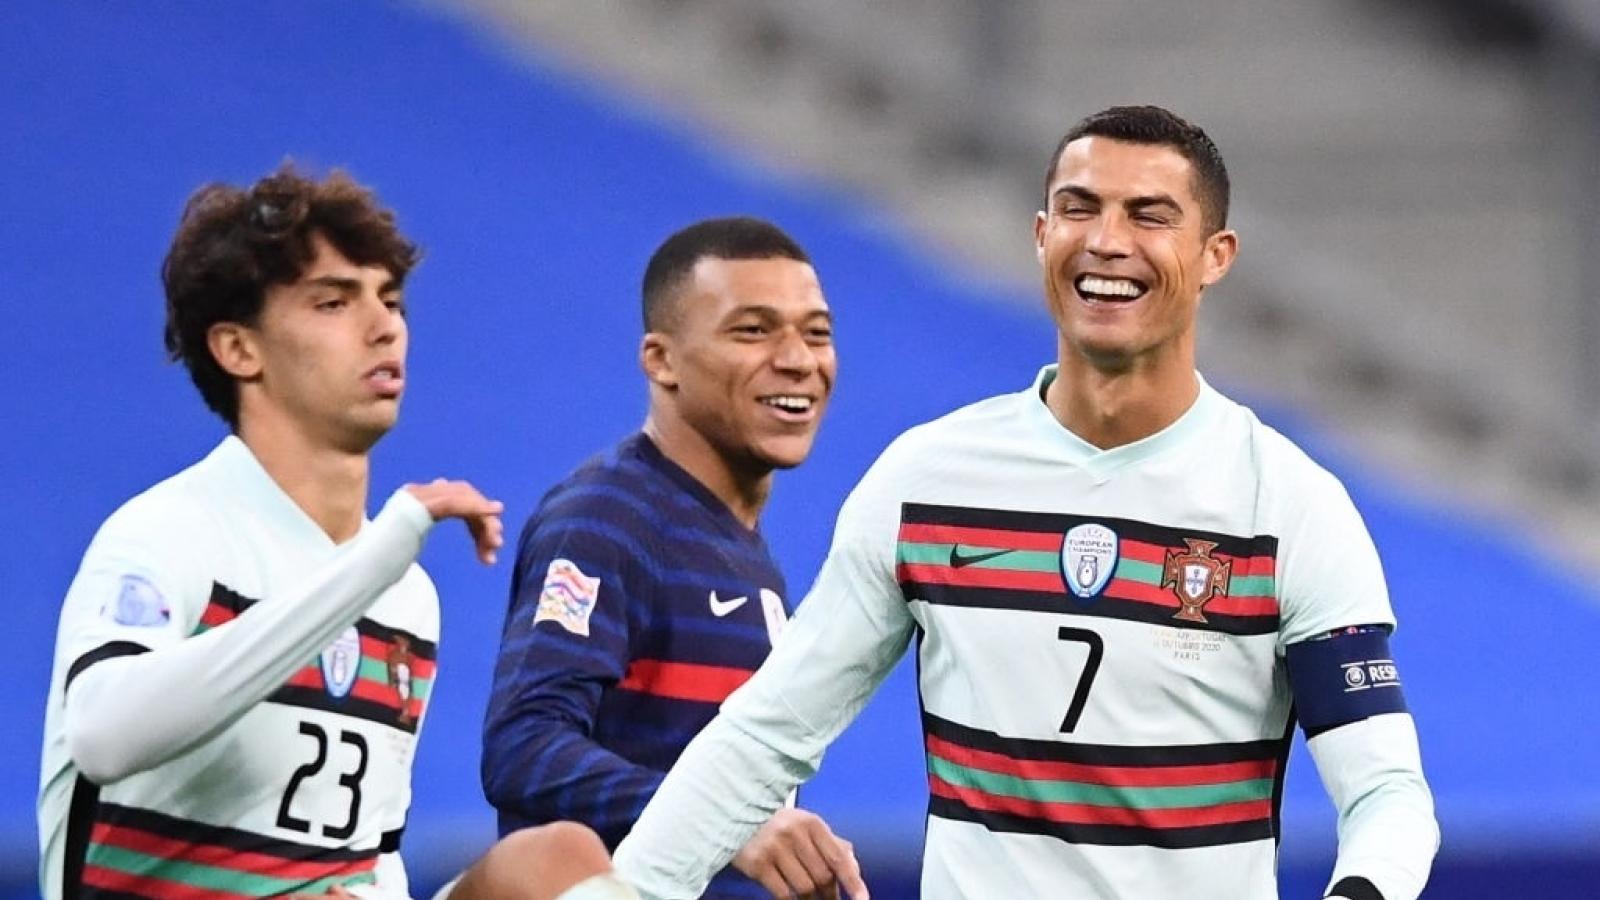 Bồ Đào Nha - Pháp: Ronaldo gieo sầu cho Gà trống Gaulois?